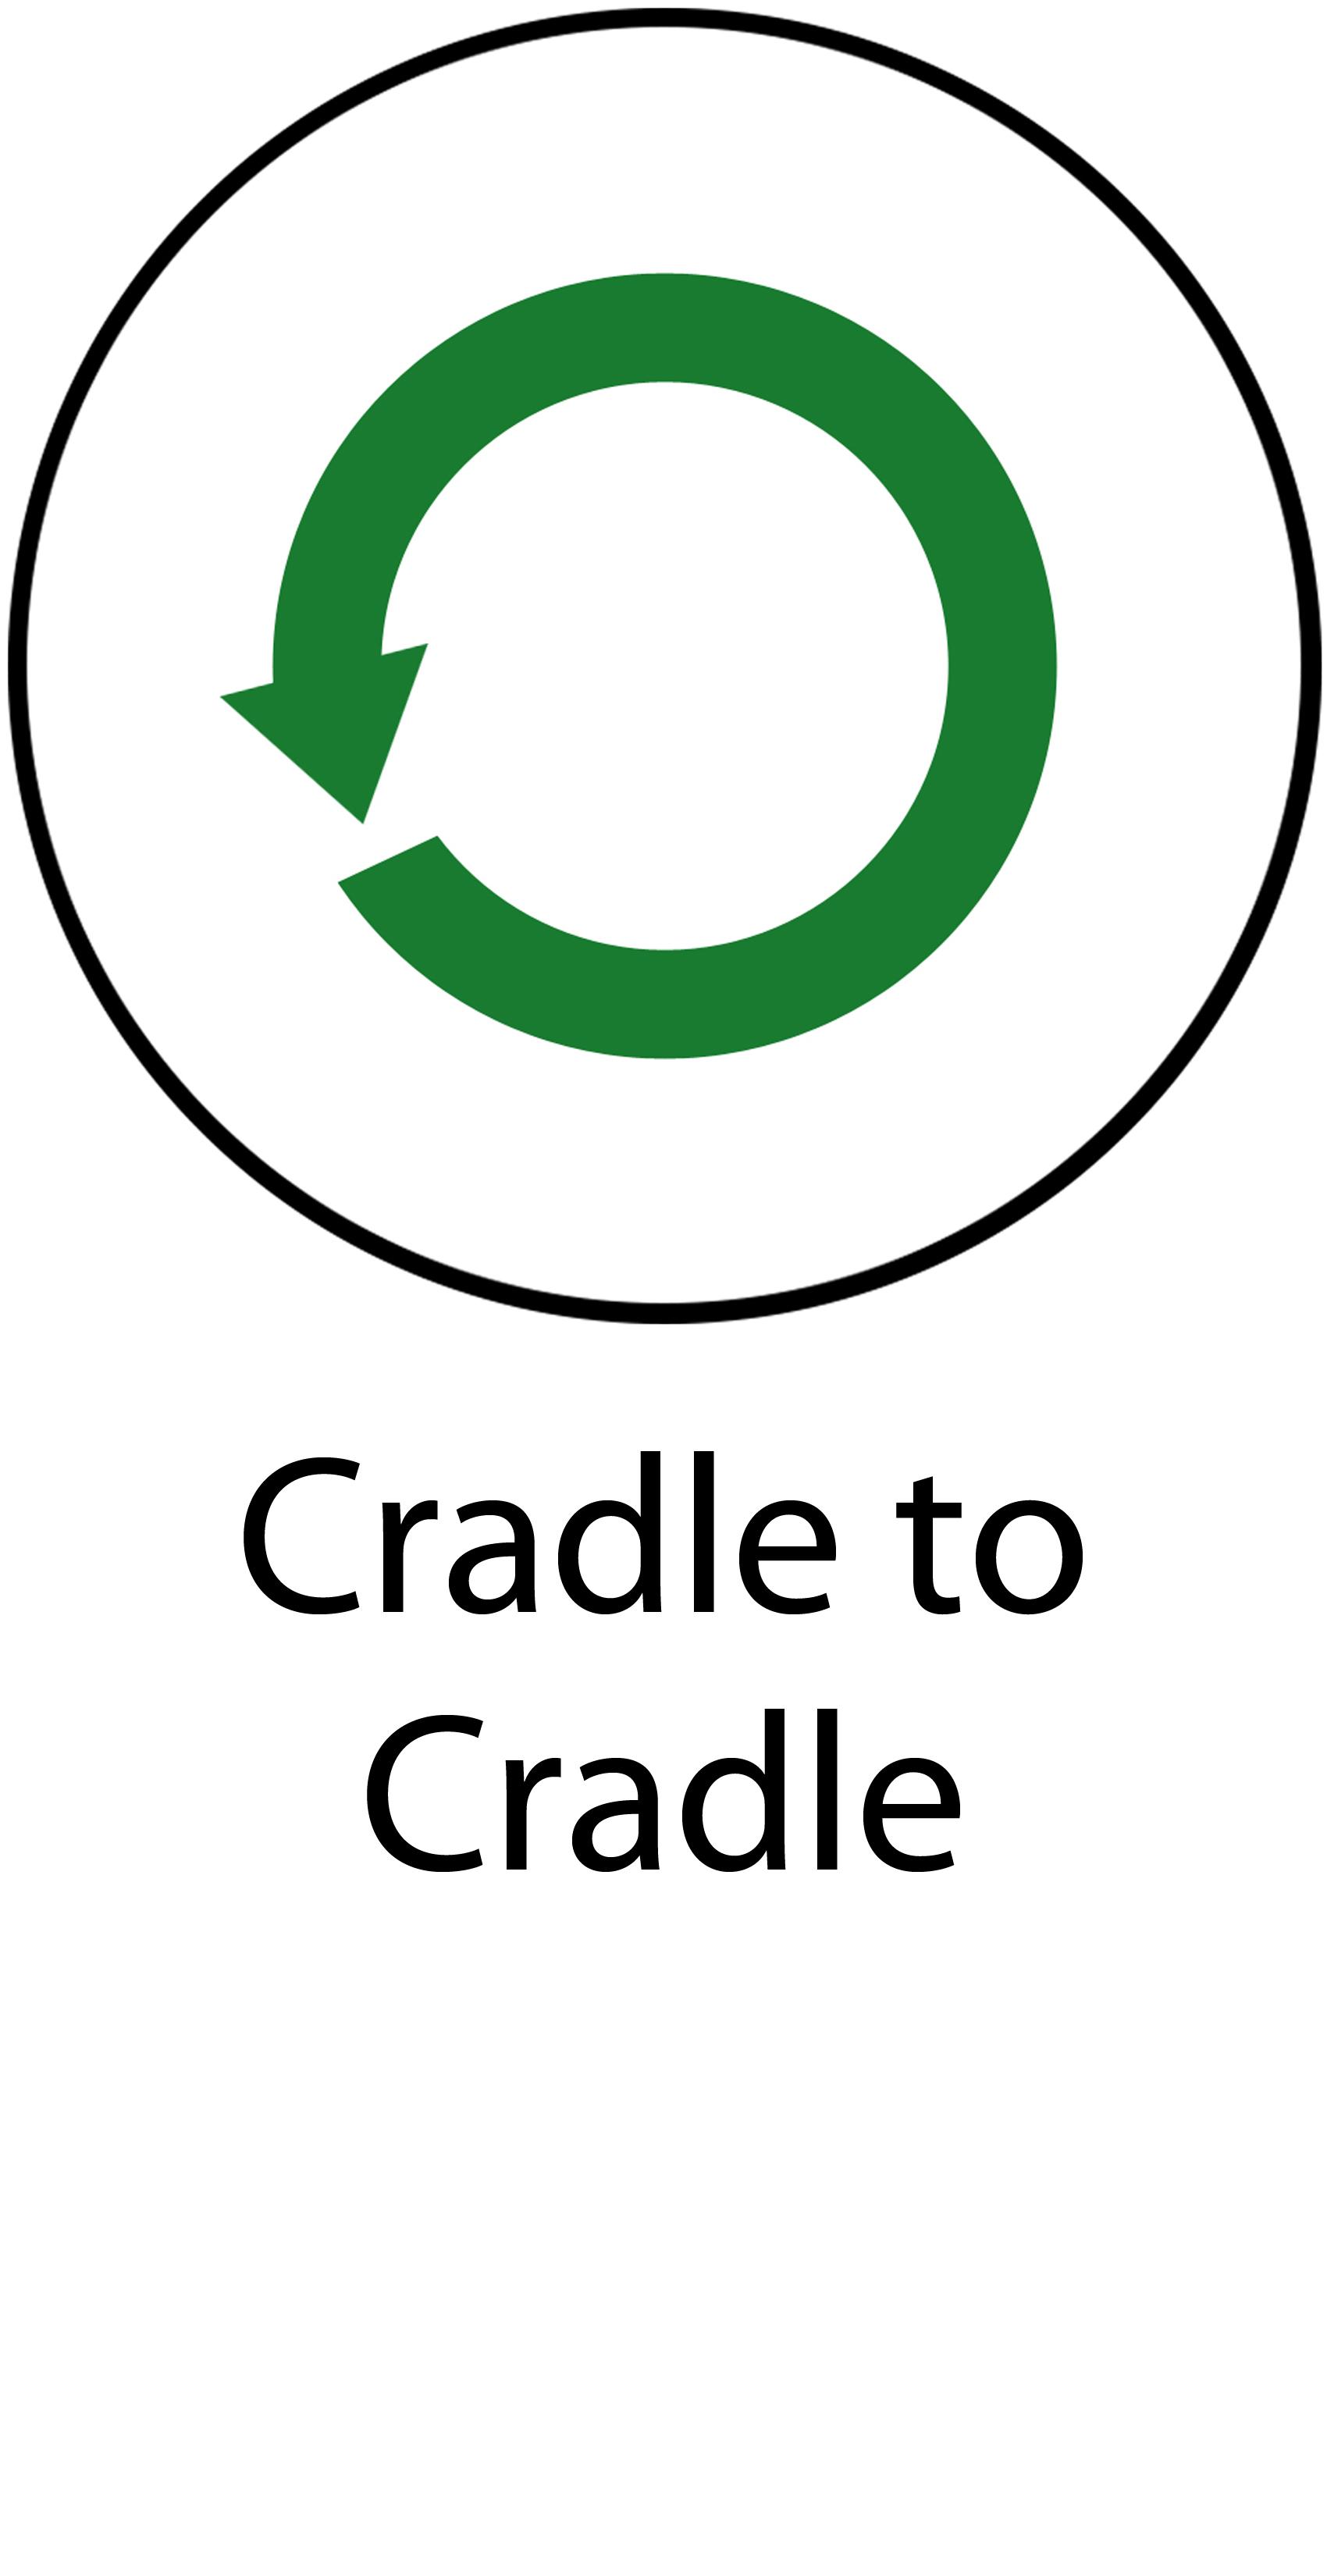 Cradle to Cradle.jpg